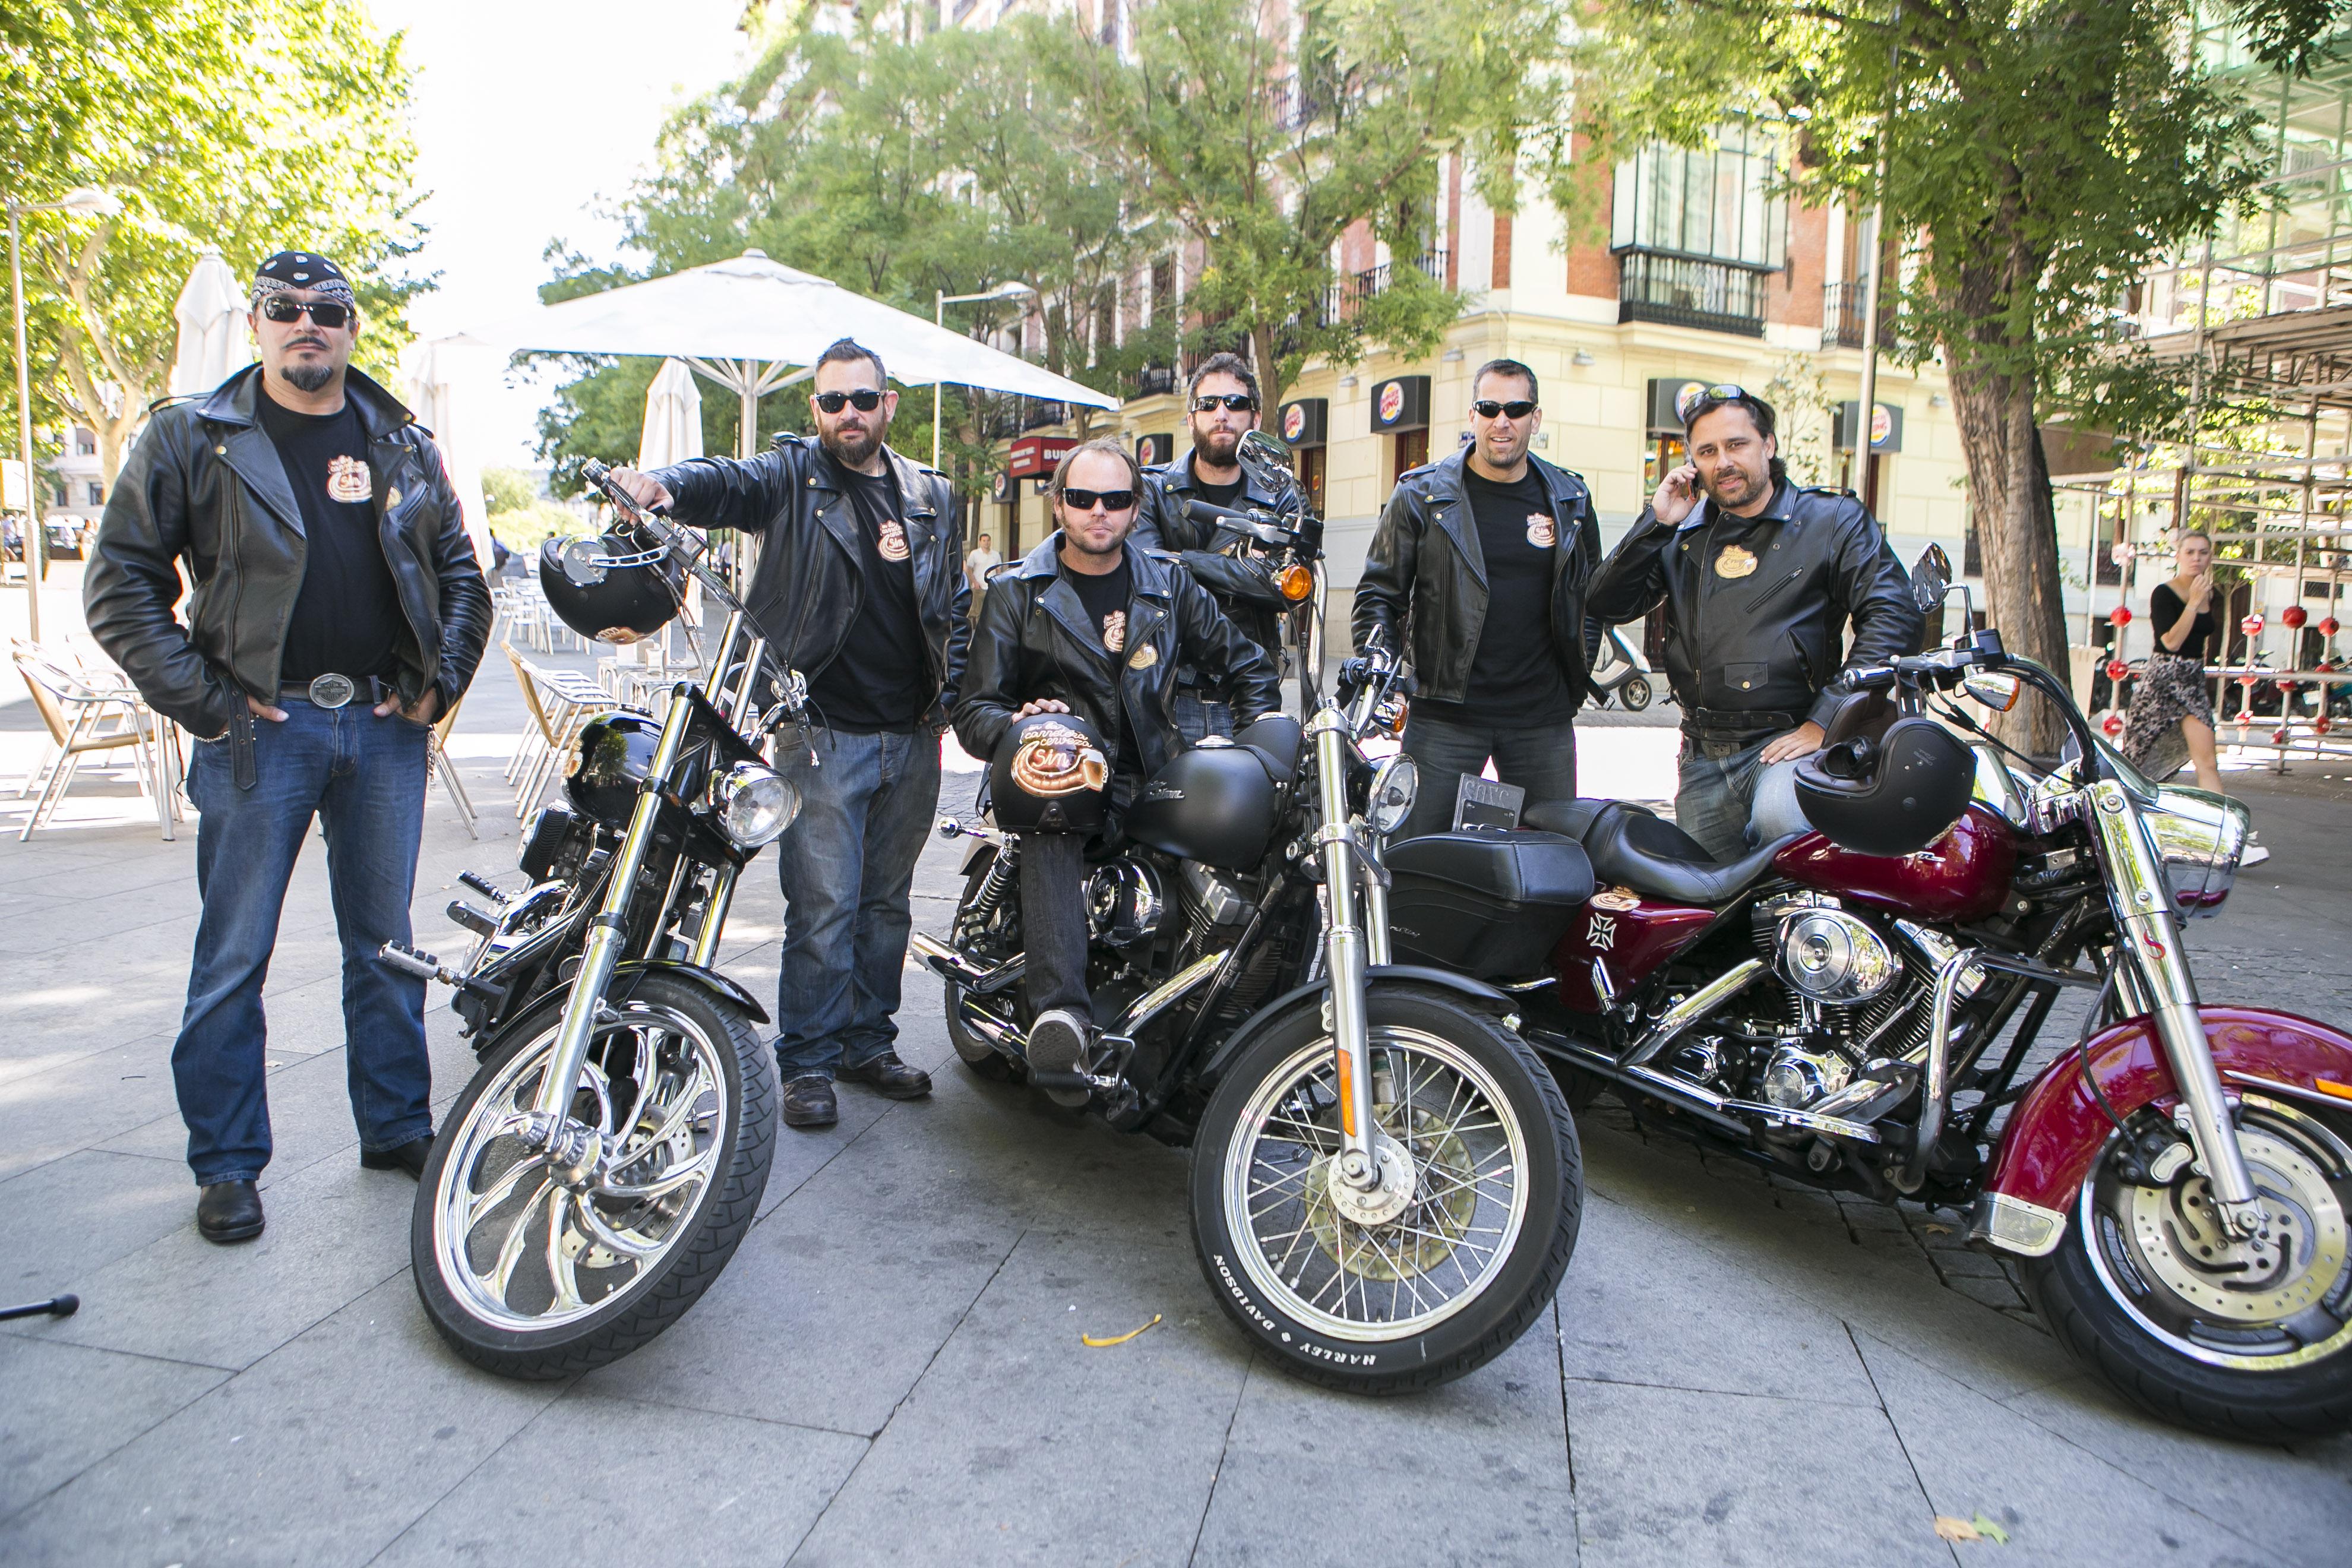 SIN-Riders en ruta